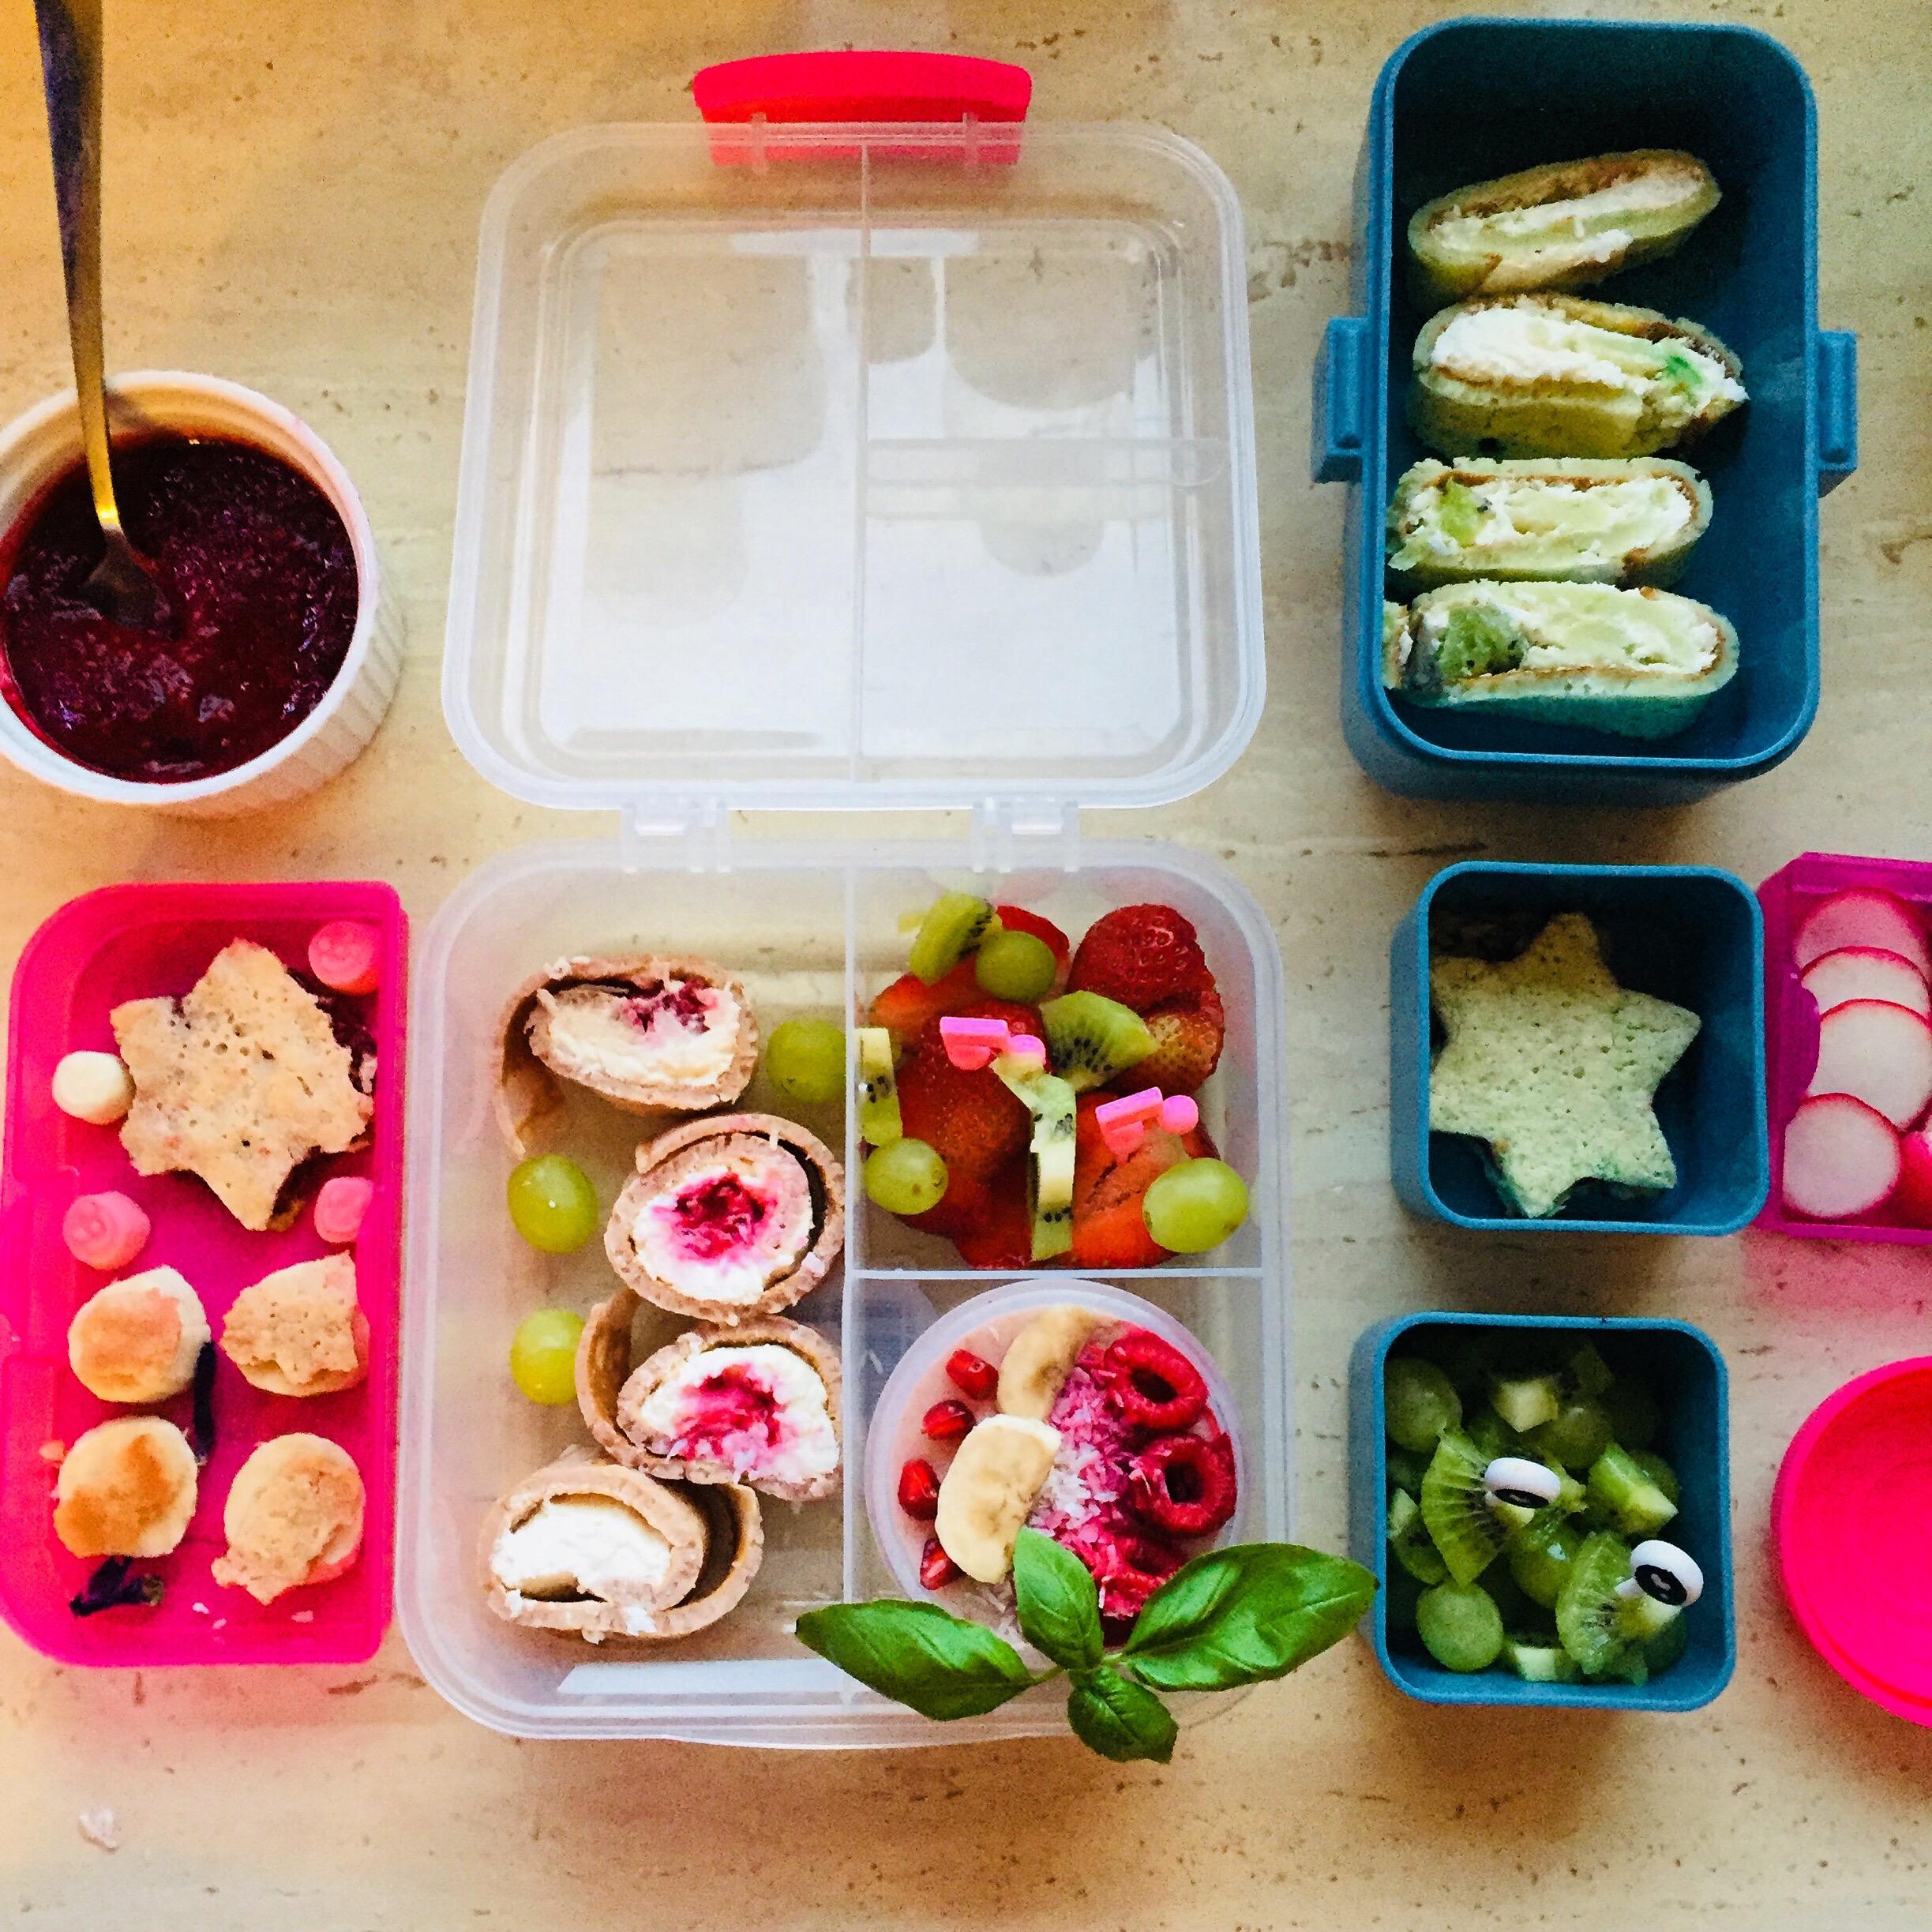 Pomysły na lunchbox dla dzieci - przepisy na lunch box do szkoły